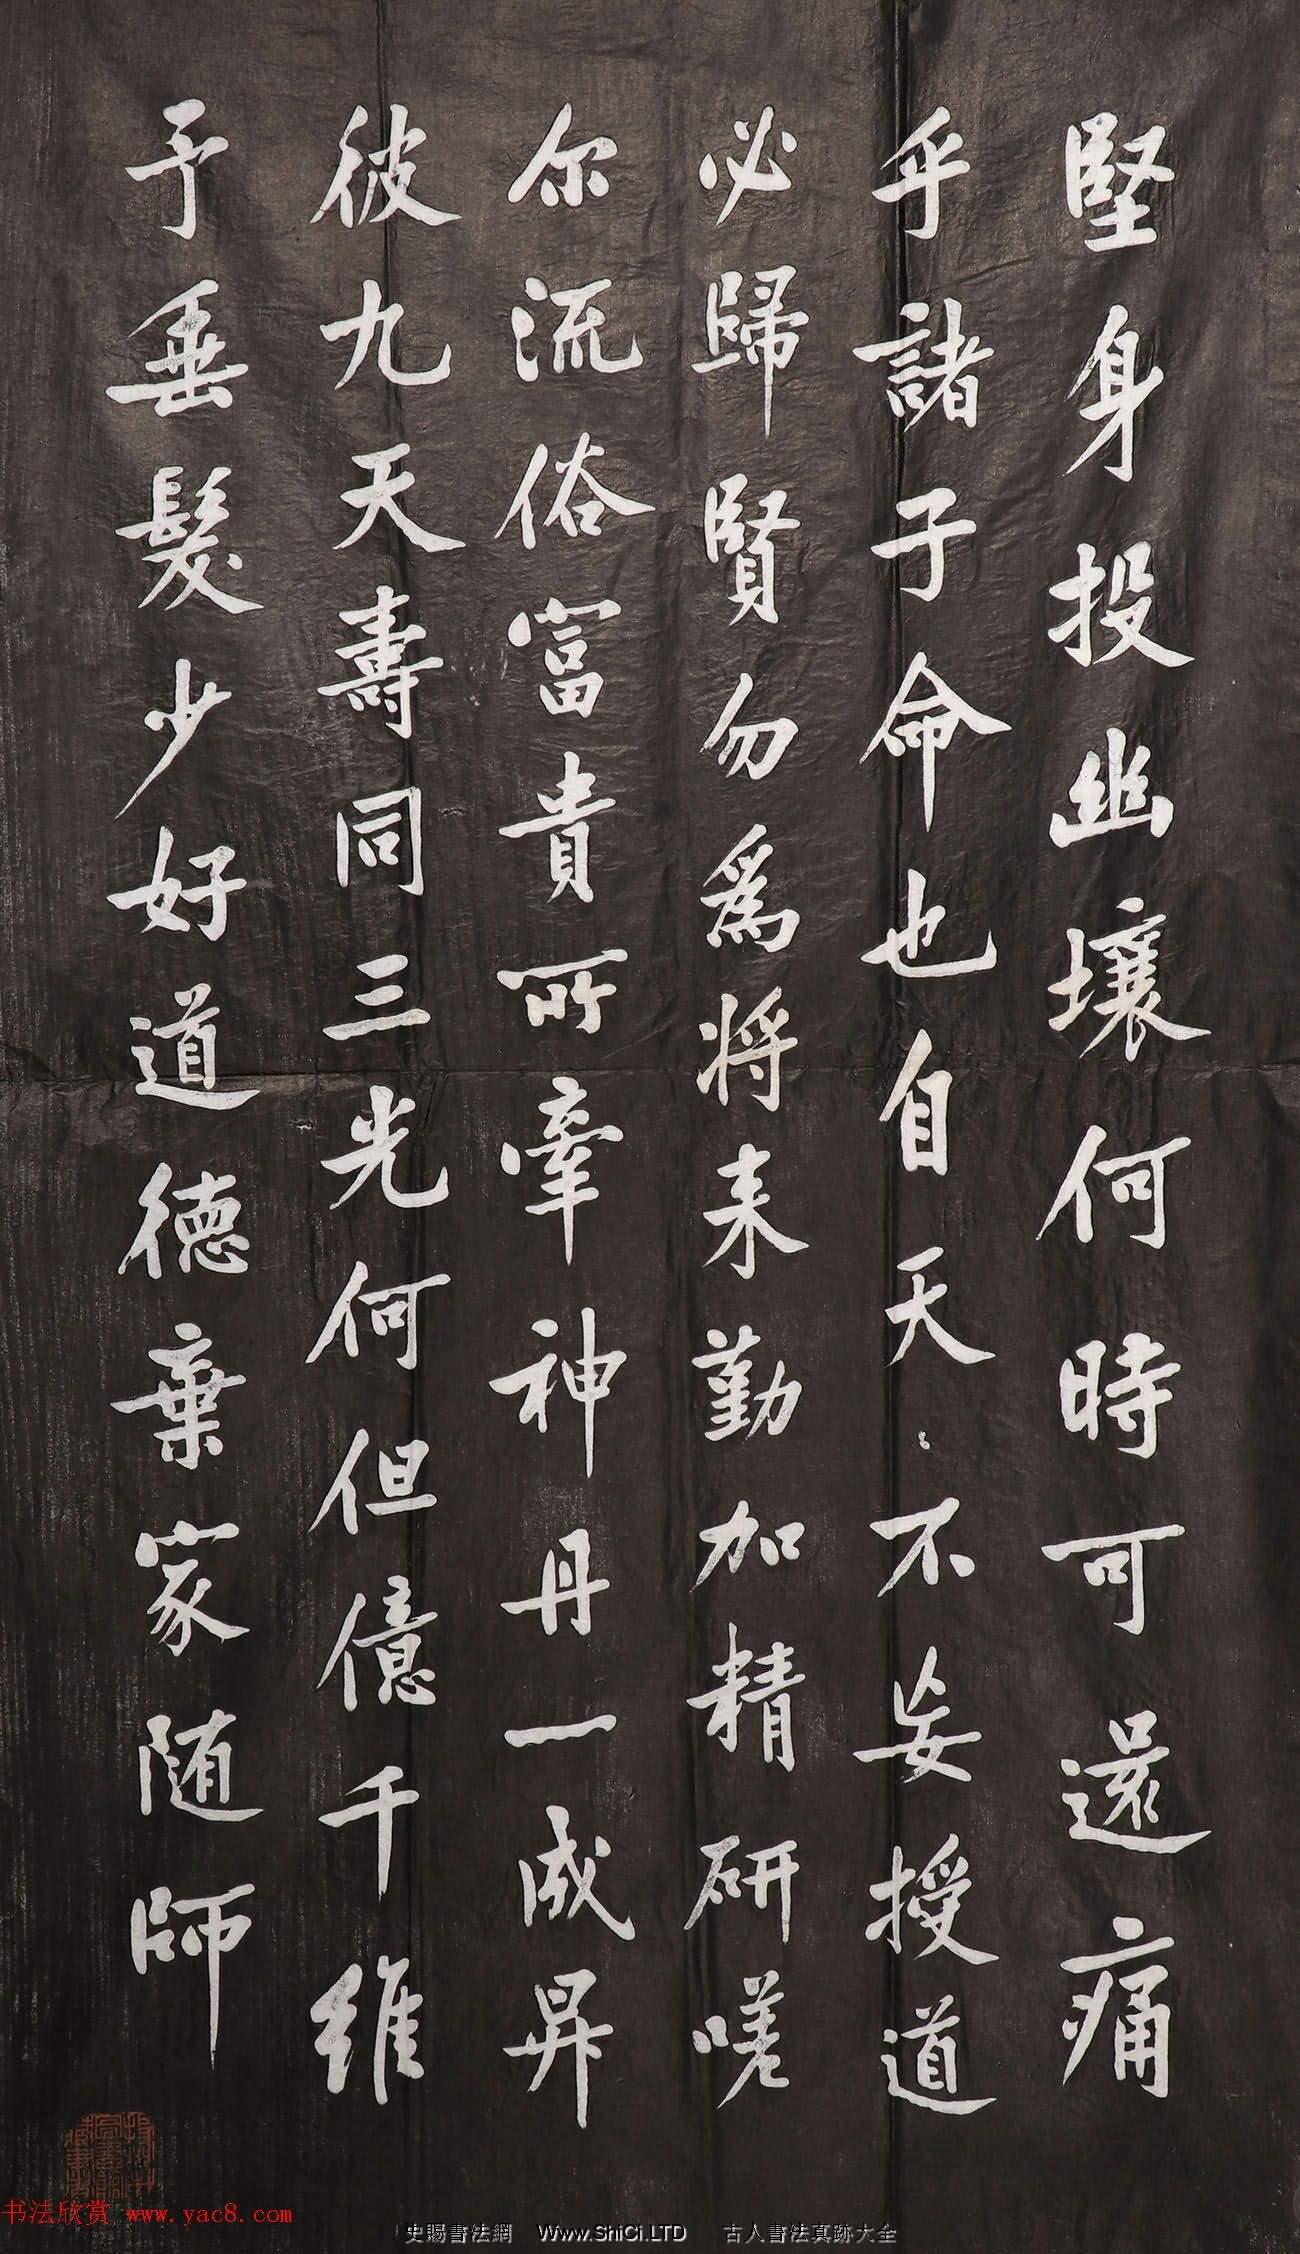 彭汶孫書法摹黃庭堅陰長生詩石刻